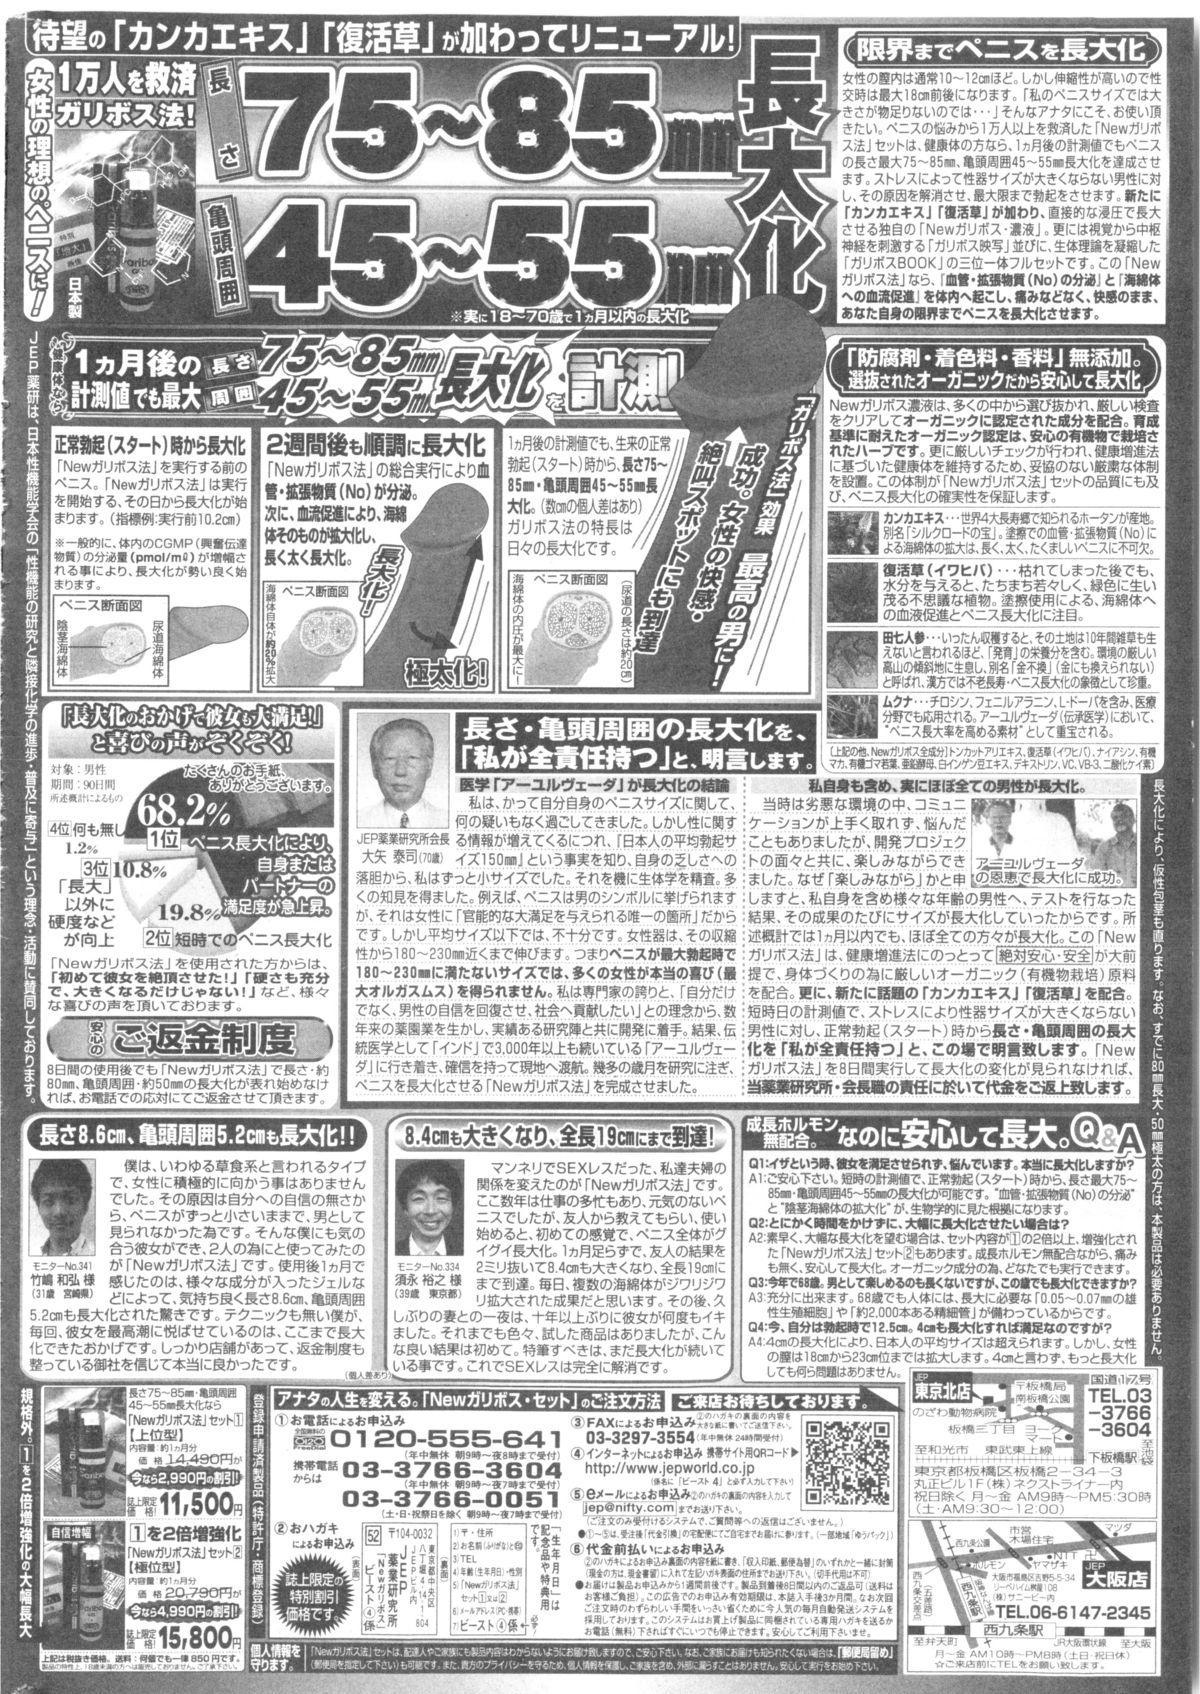 COMIC Kairakuten BEAST 2014-05 257